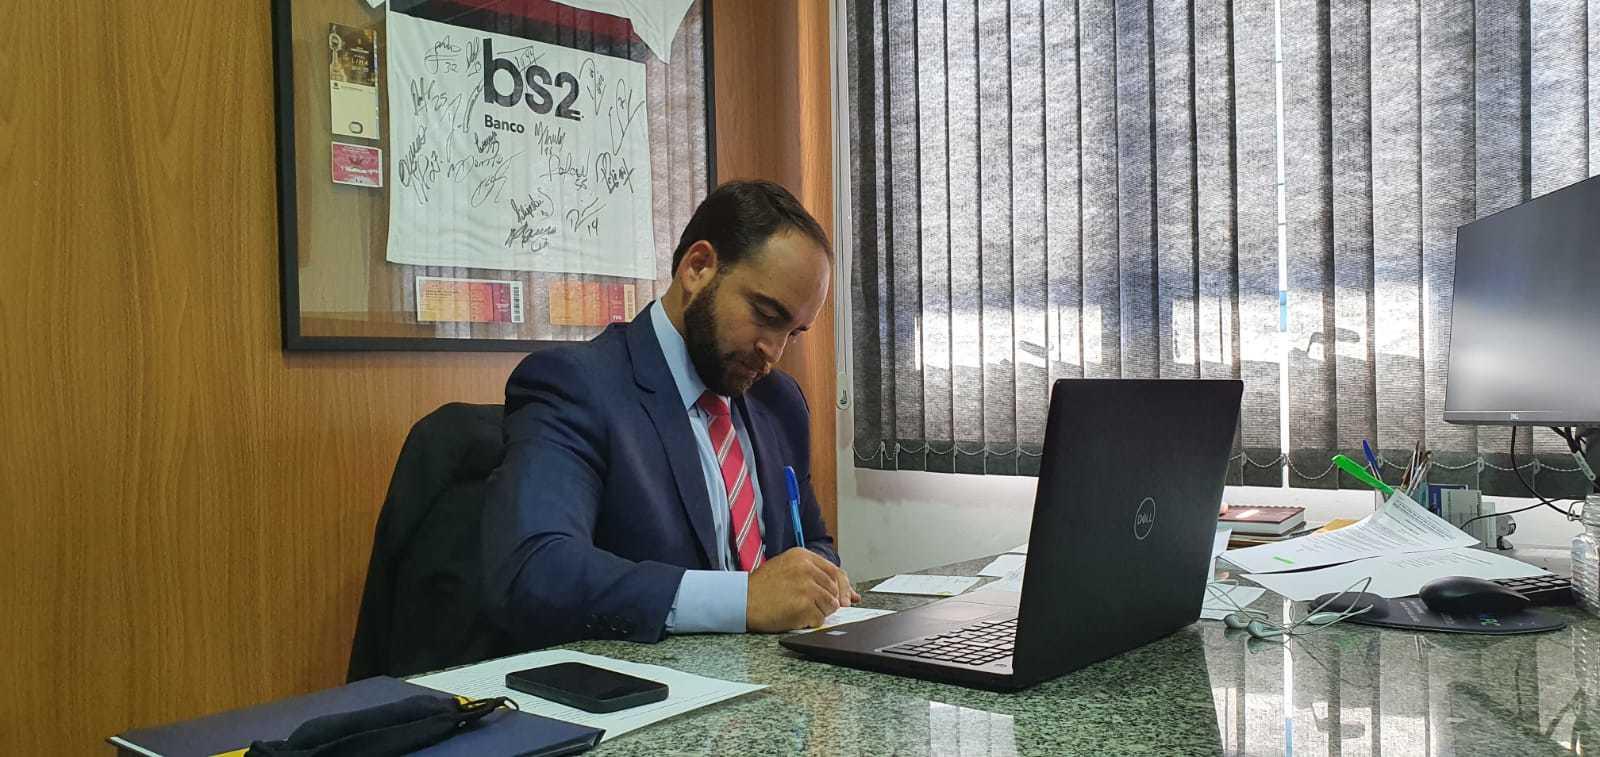 Vereador João César Mattogrosso (PSDB) deve assumir a Secretaria de Estado de Cidadania e Cultura e coordenar oito subsecretarias (Foto Divulgação)